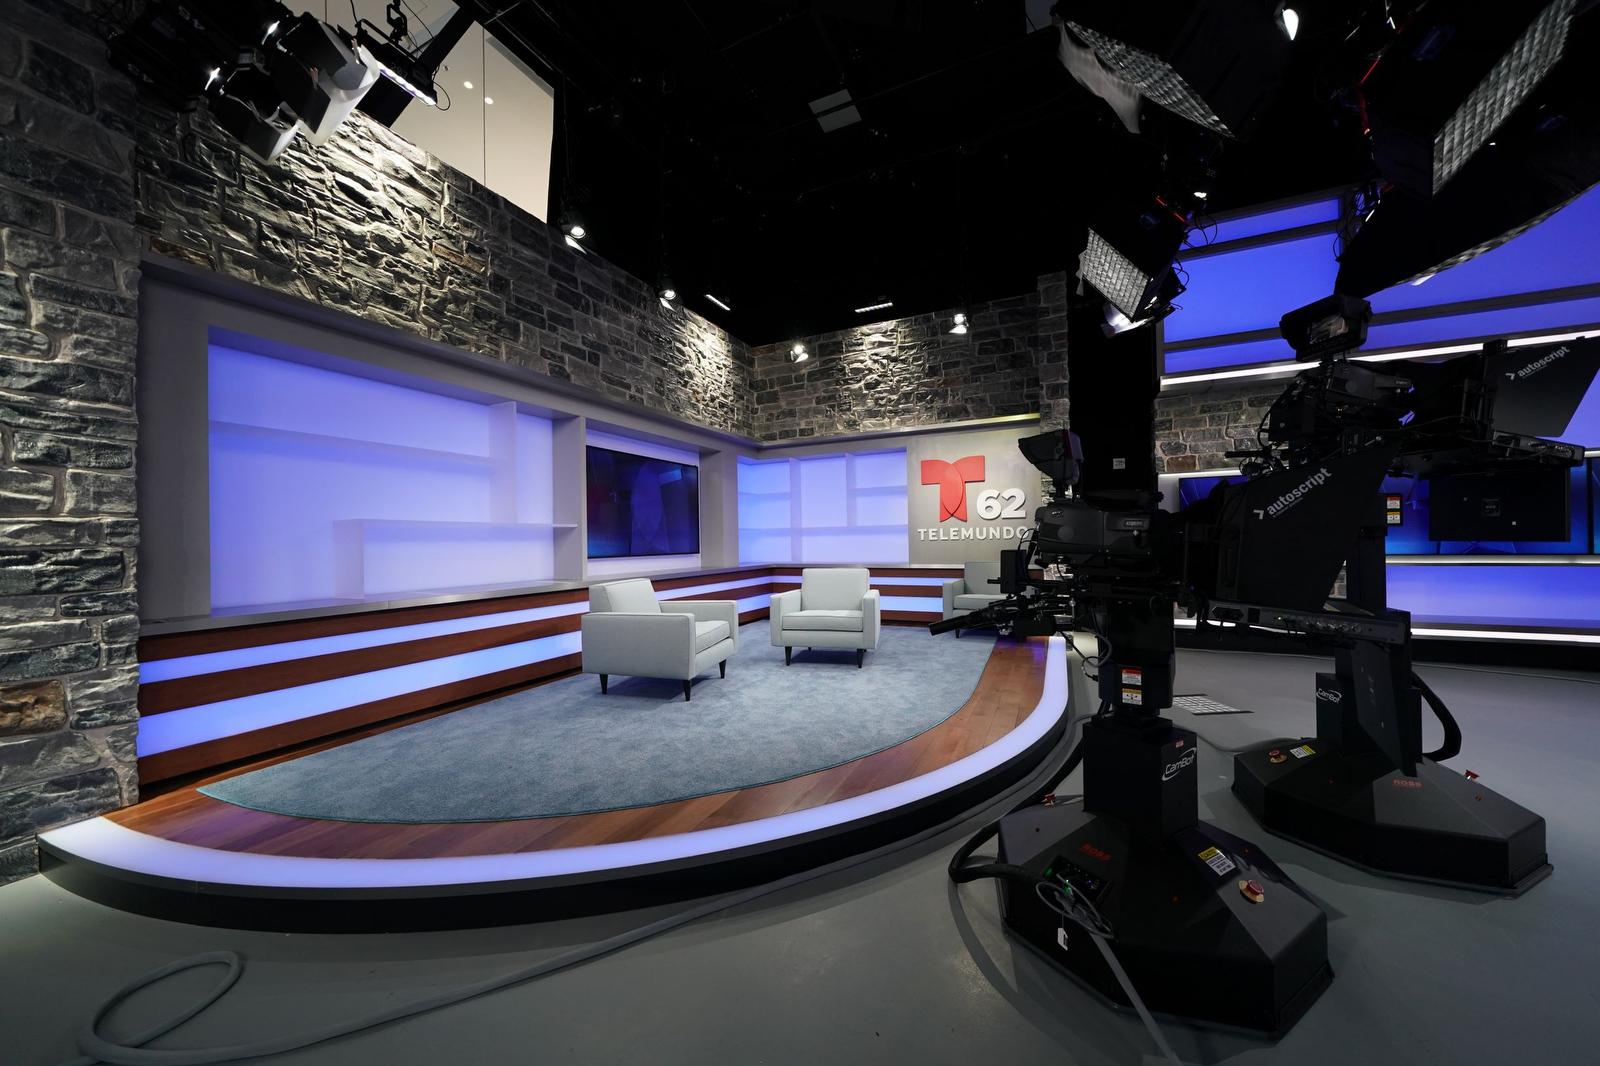 NCS_Telemundo-62-Noticiero-Philadelphia-0006